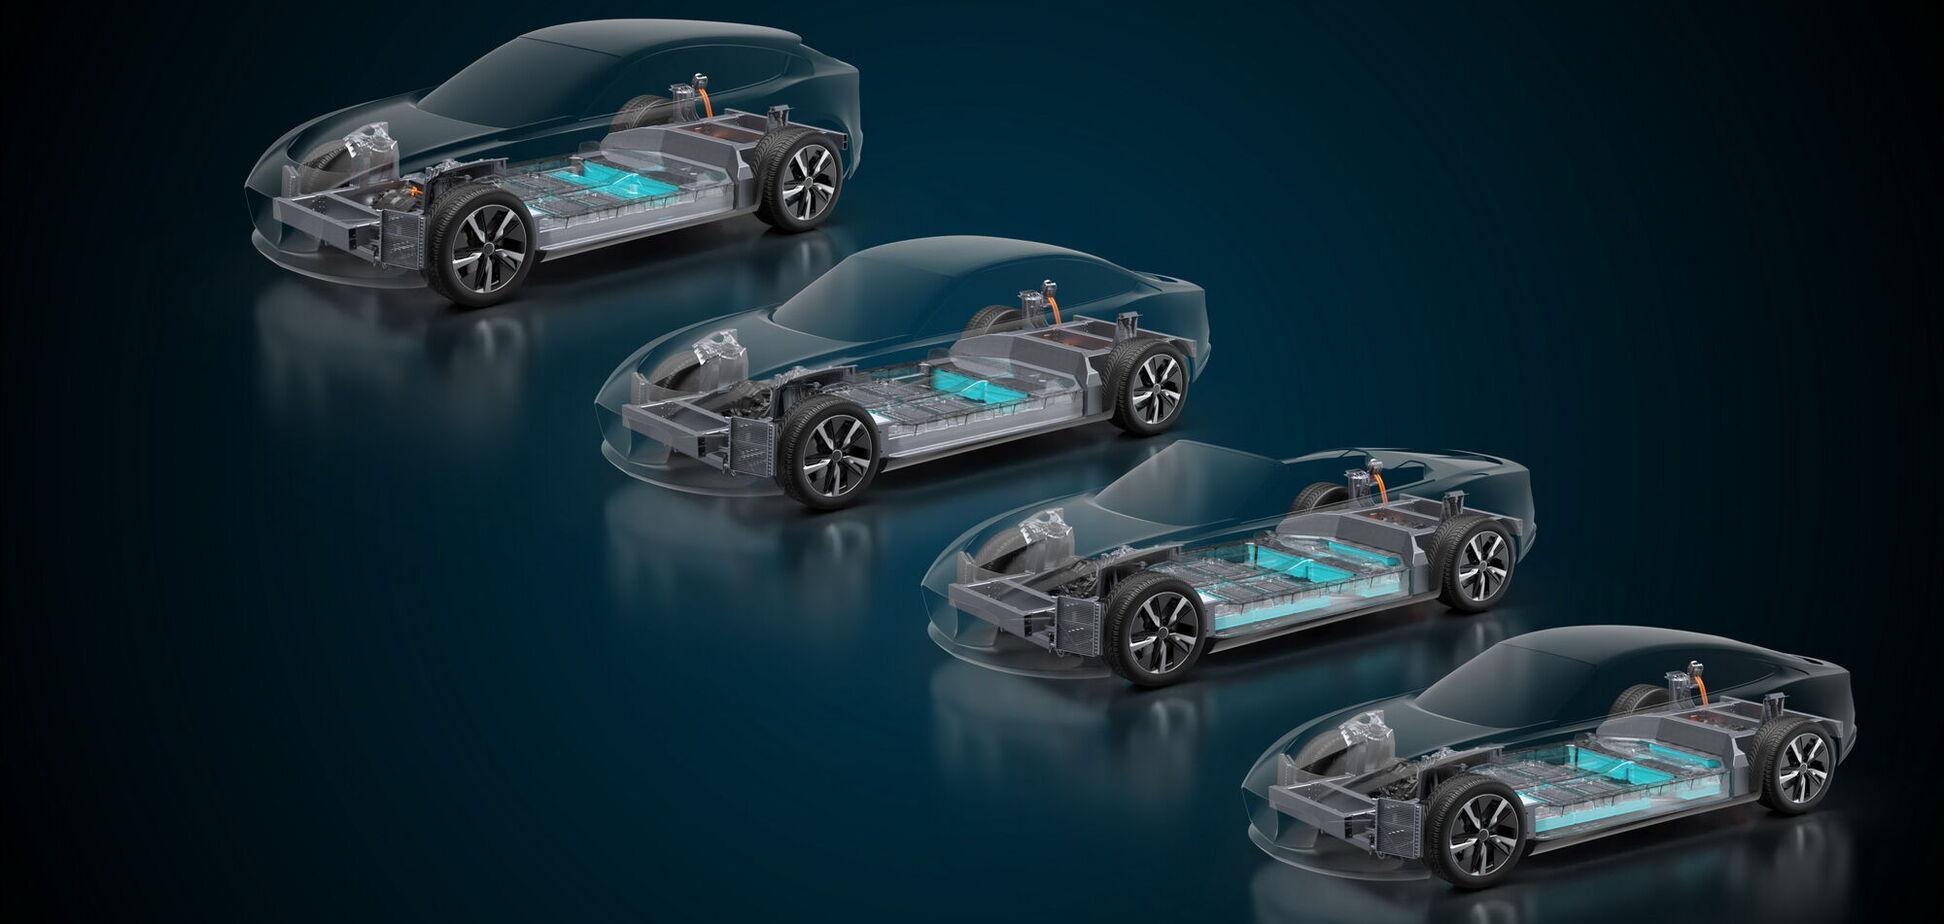 Williams та Italdesign презентували нову електричну платформу